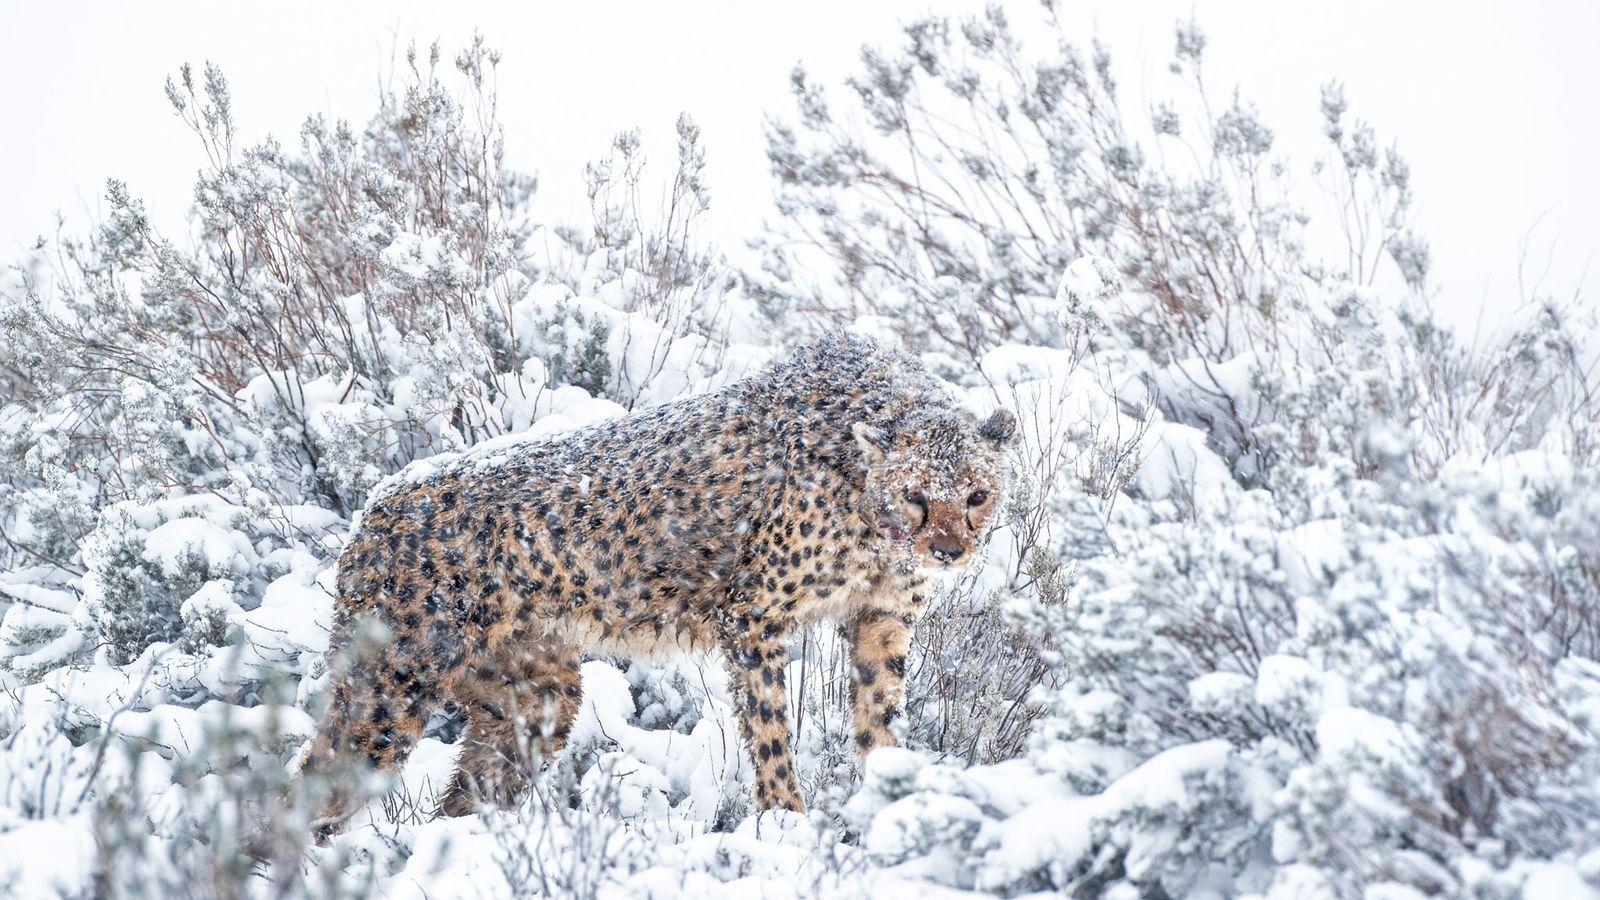 Guepardo hembra en la nieve